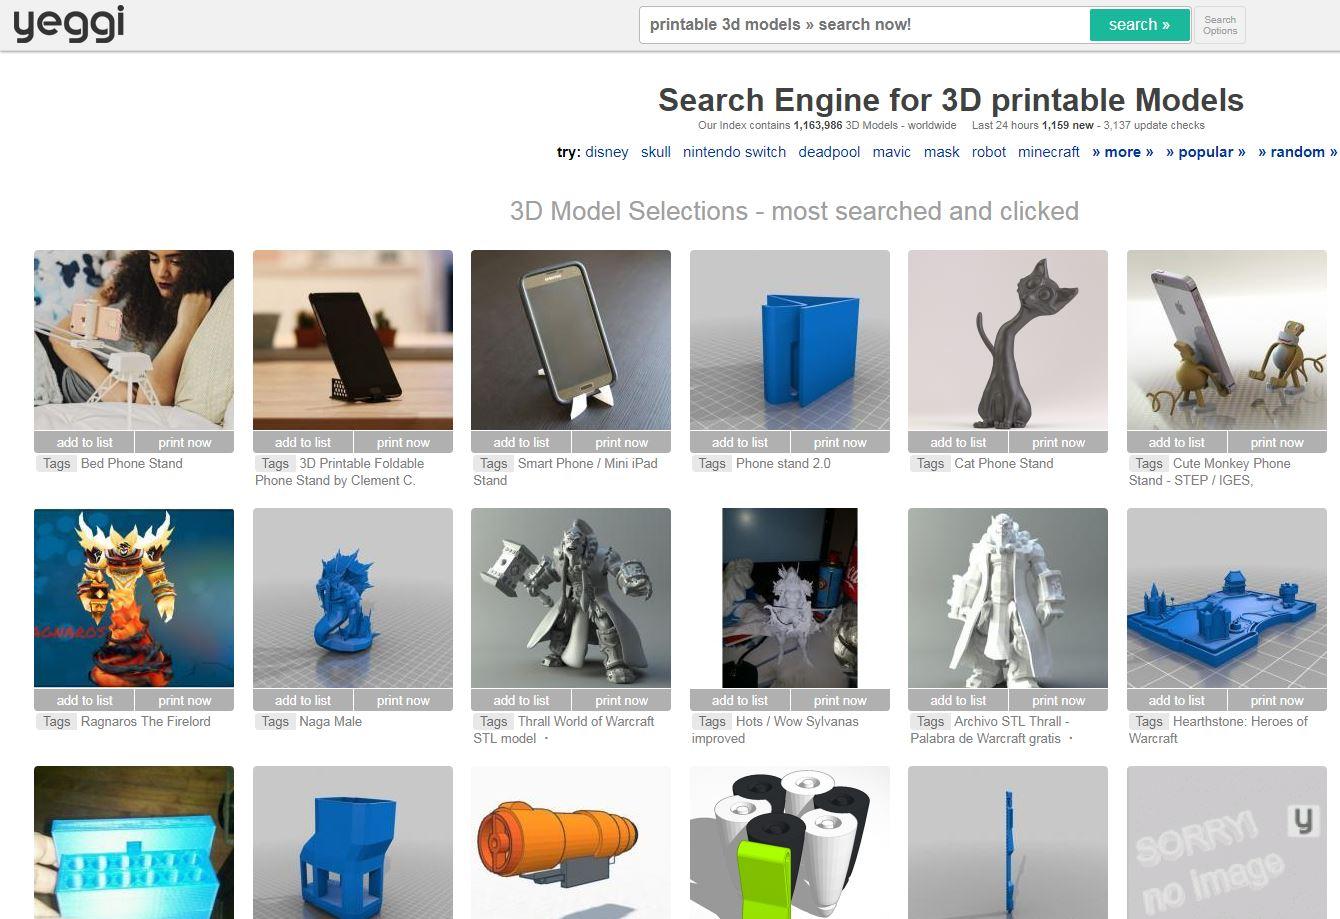 Repositorio archivos STL impresión 3D Yeggi